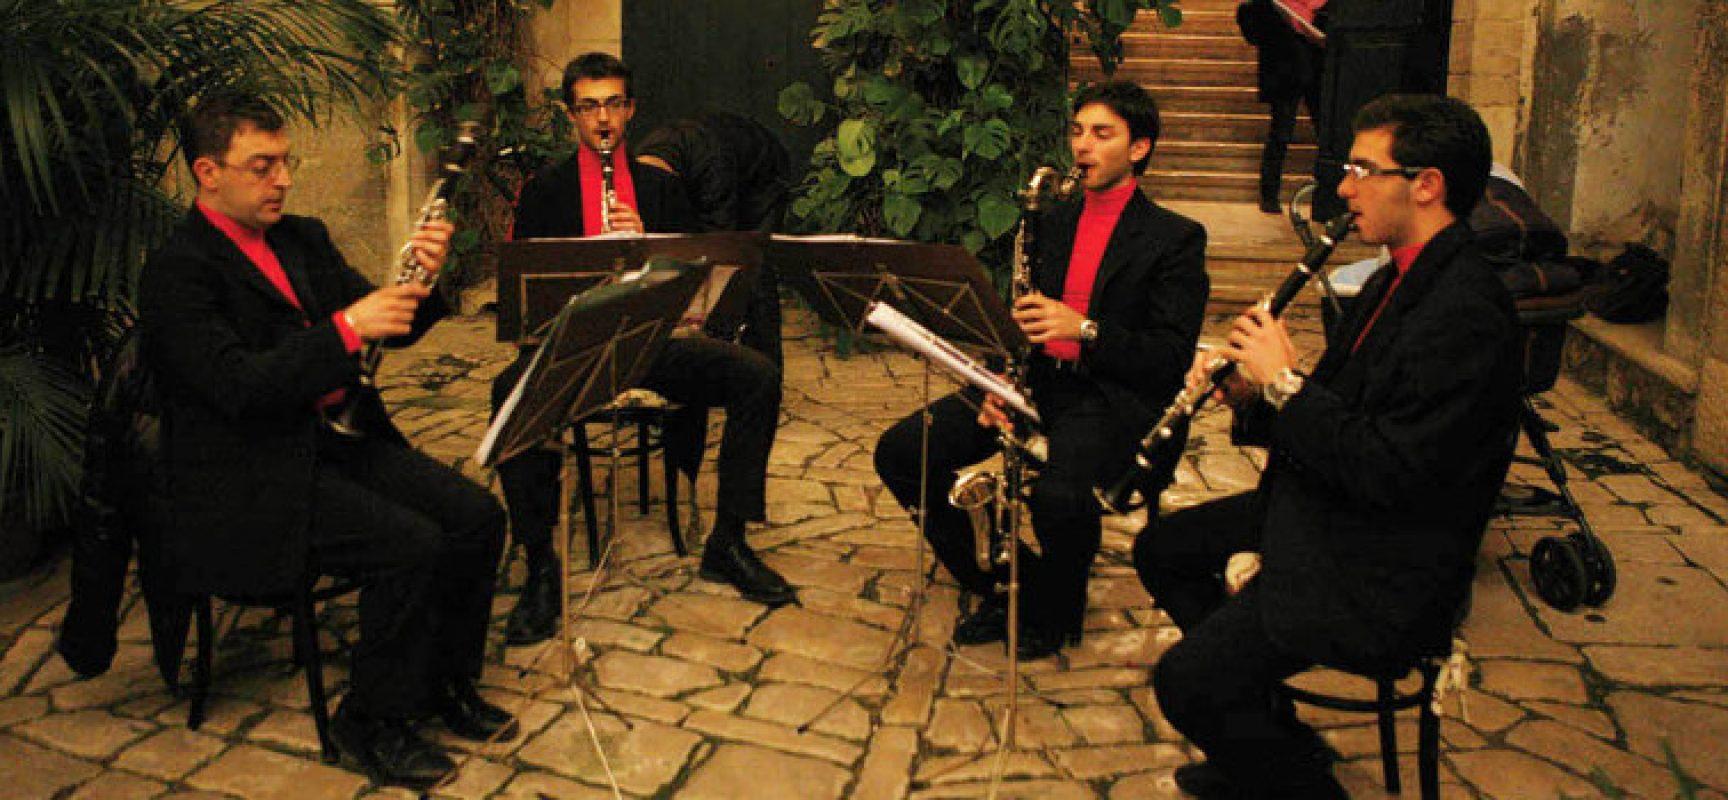 Animazione, musica e iniziative culturali: tutti gli eventi di Calici nel Borgo Antico